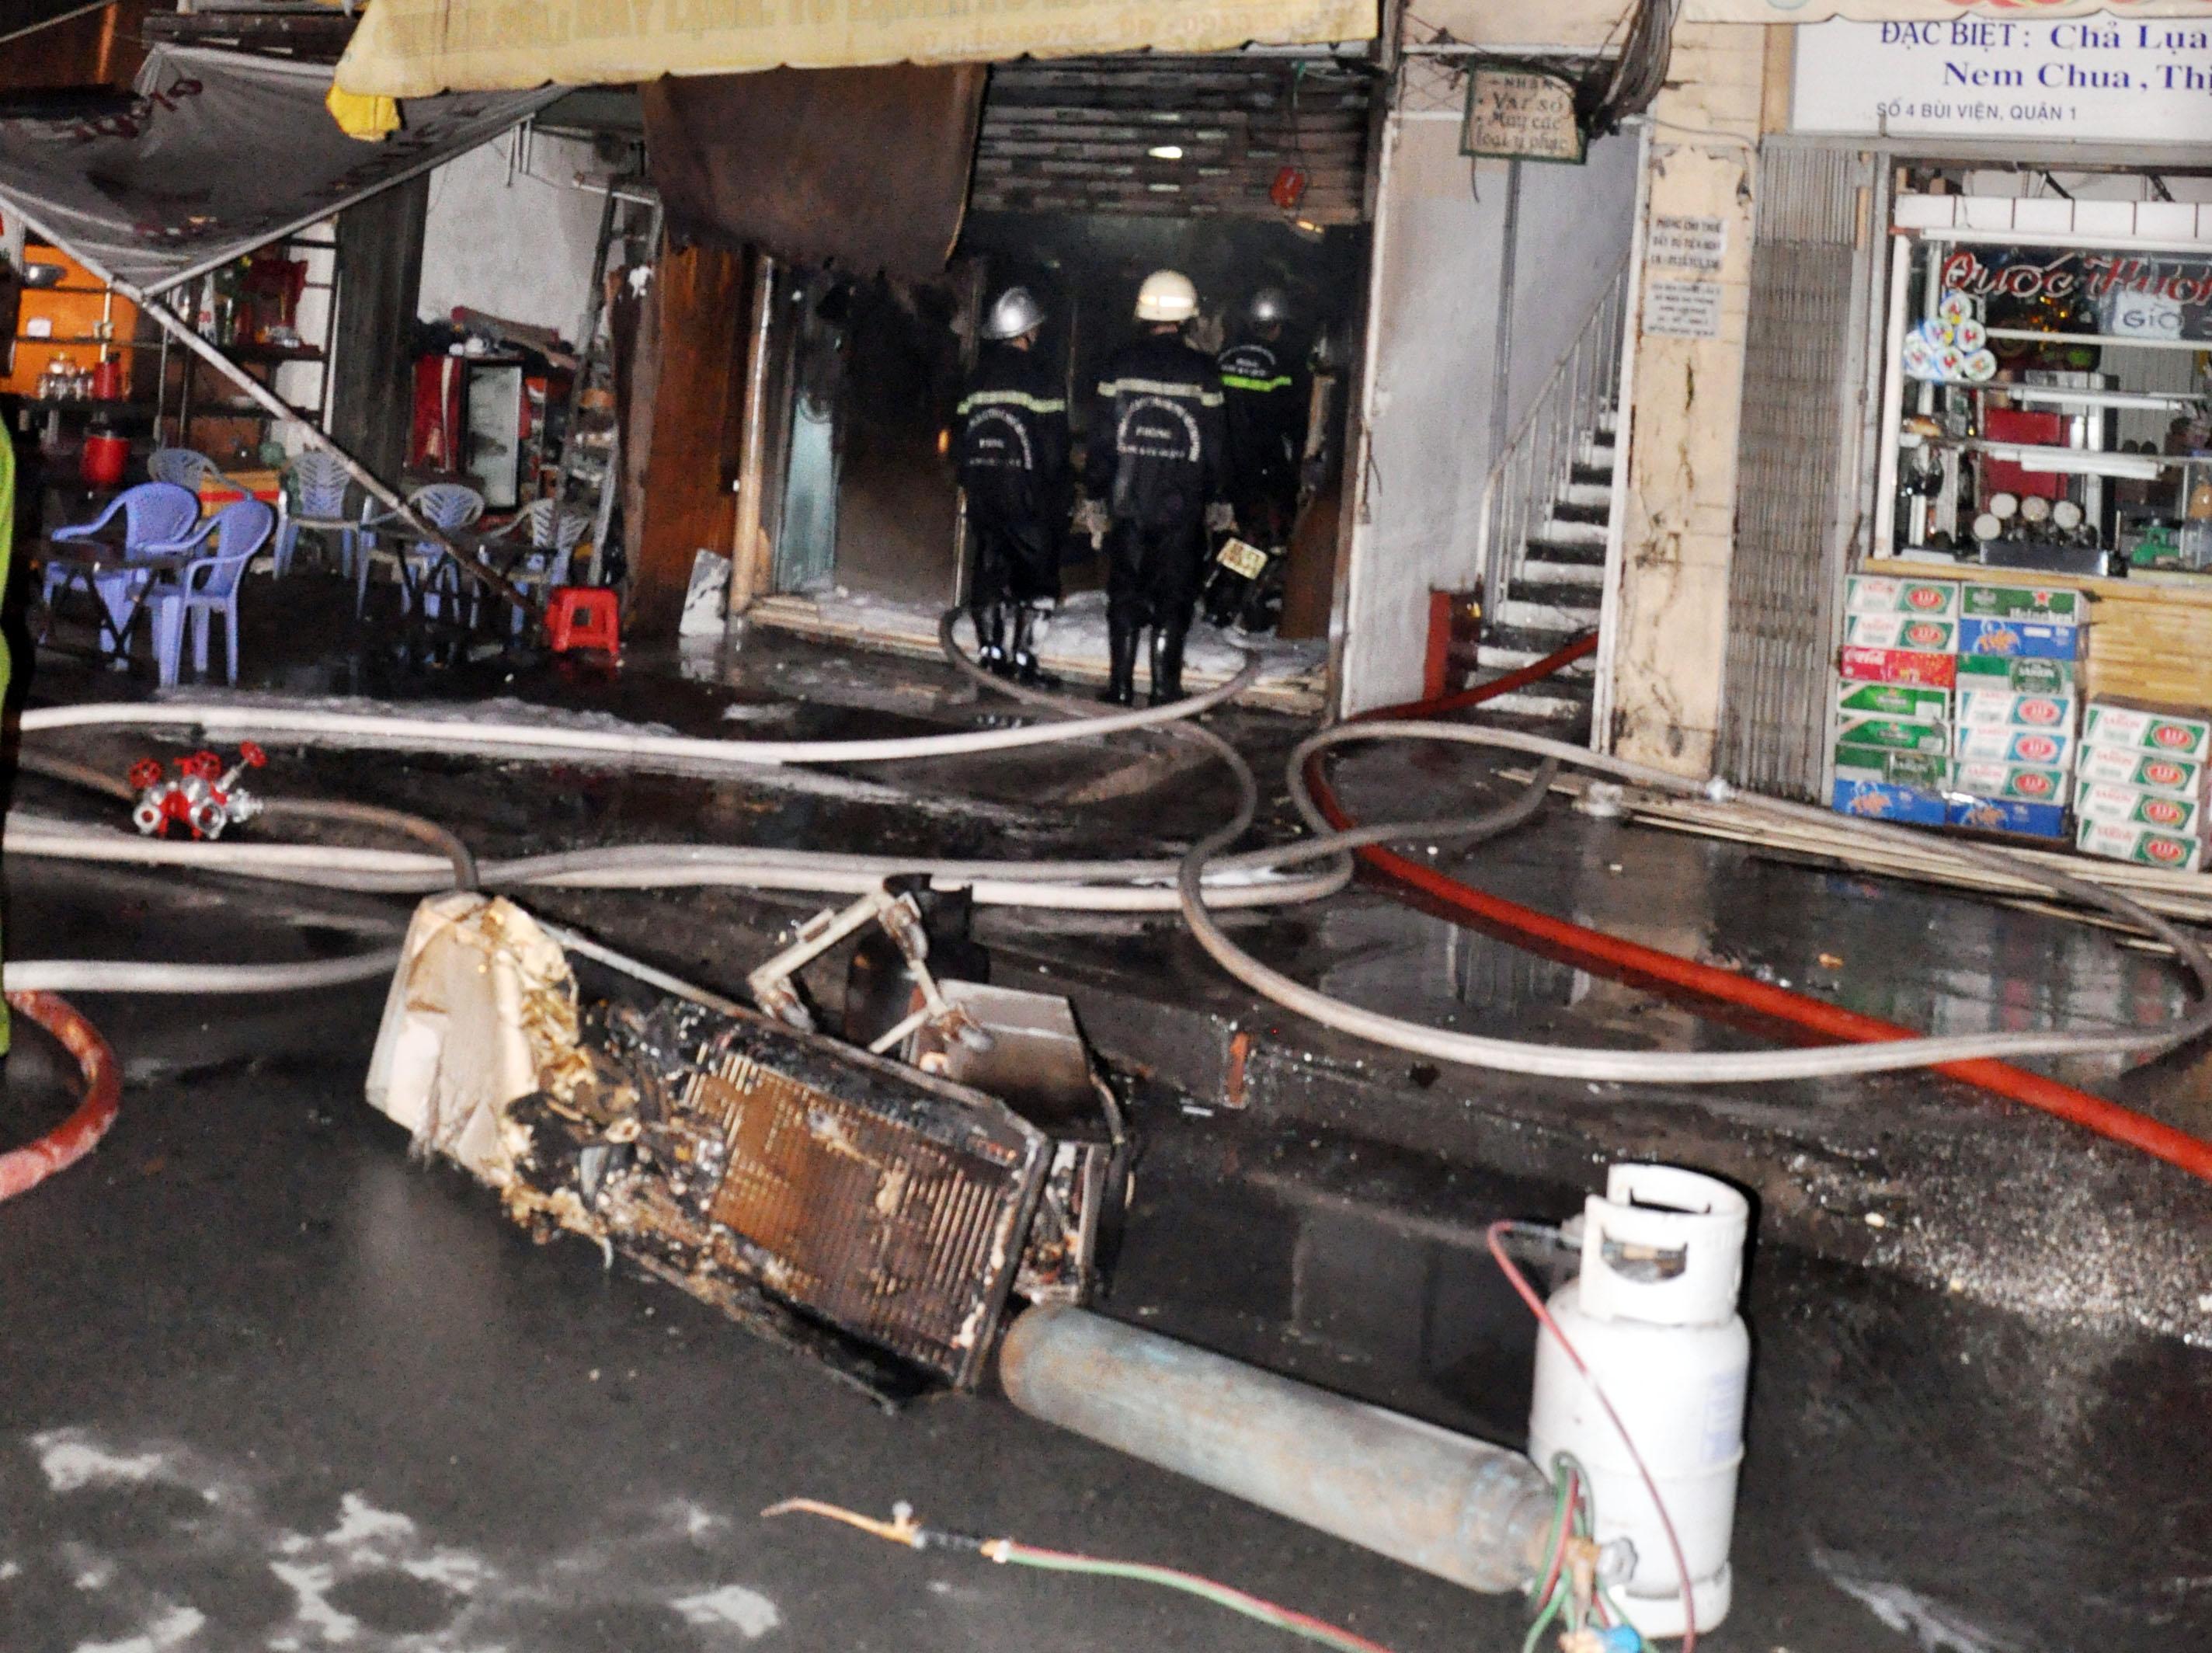 Sau 30 phút ngọn lửa được dập tắt. Không có thương vong về người, song nhiều vật dụng kim khí điện máy, trong đó có một số tủ lạnh có bình gas, hai xe máy của cửa hàng Anh Thụ rộng khoảng 20m2 bị thiêu rụi.